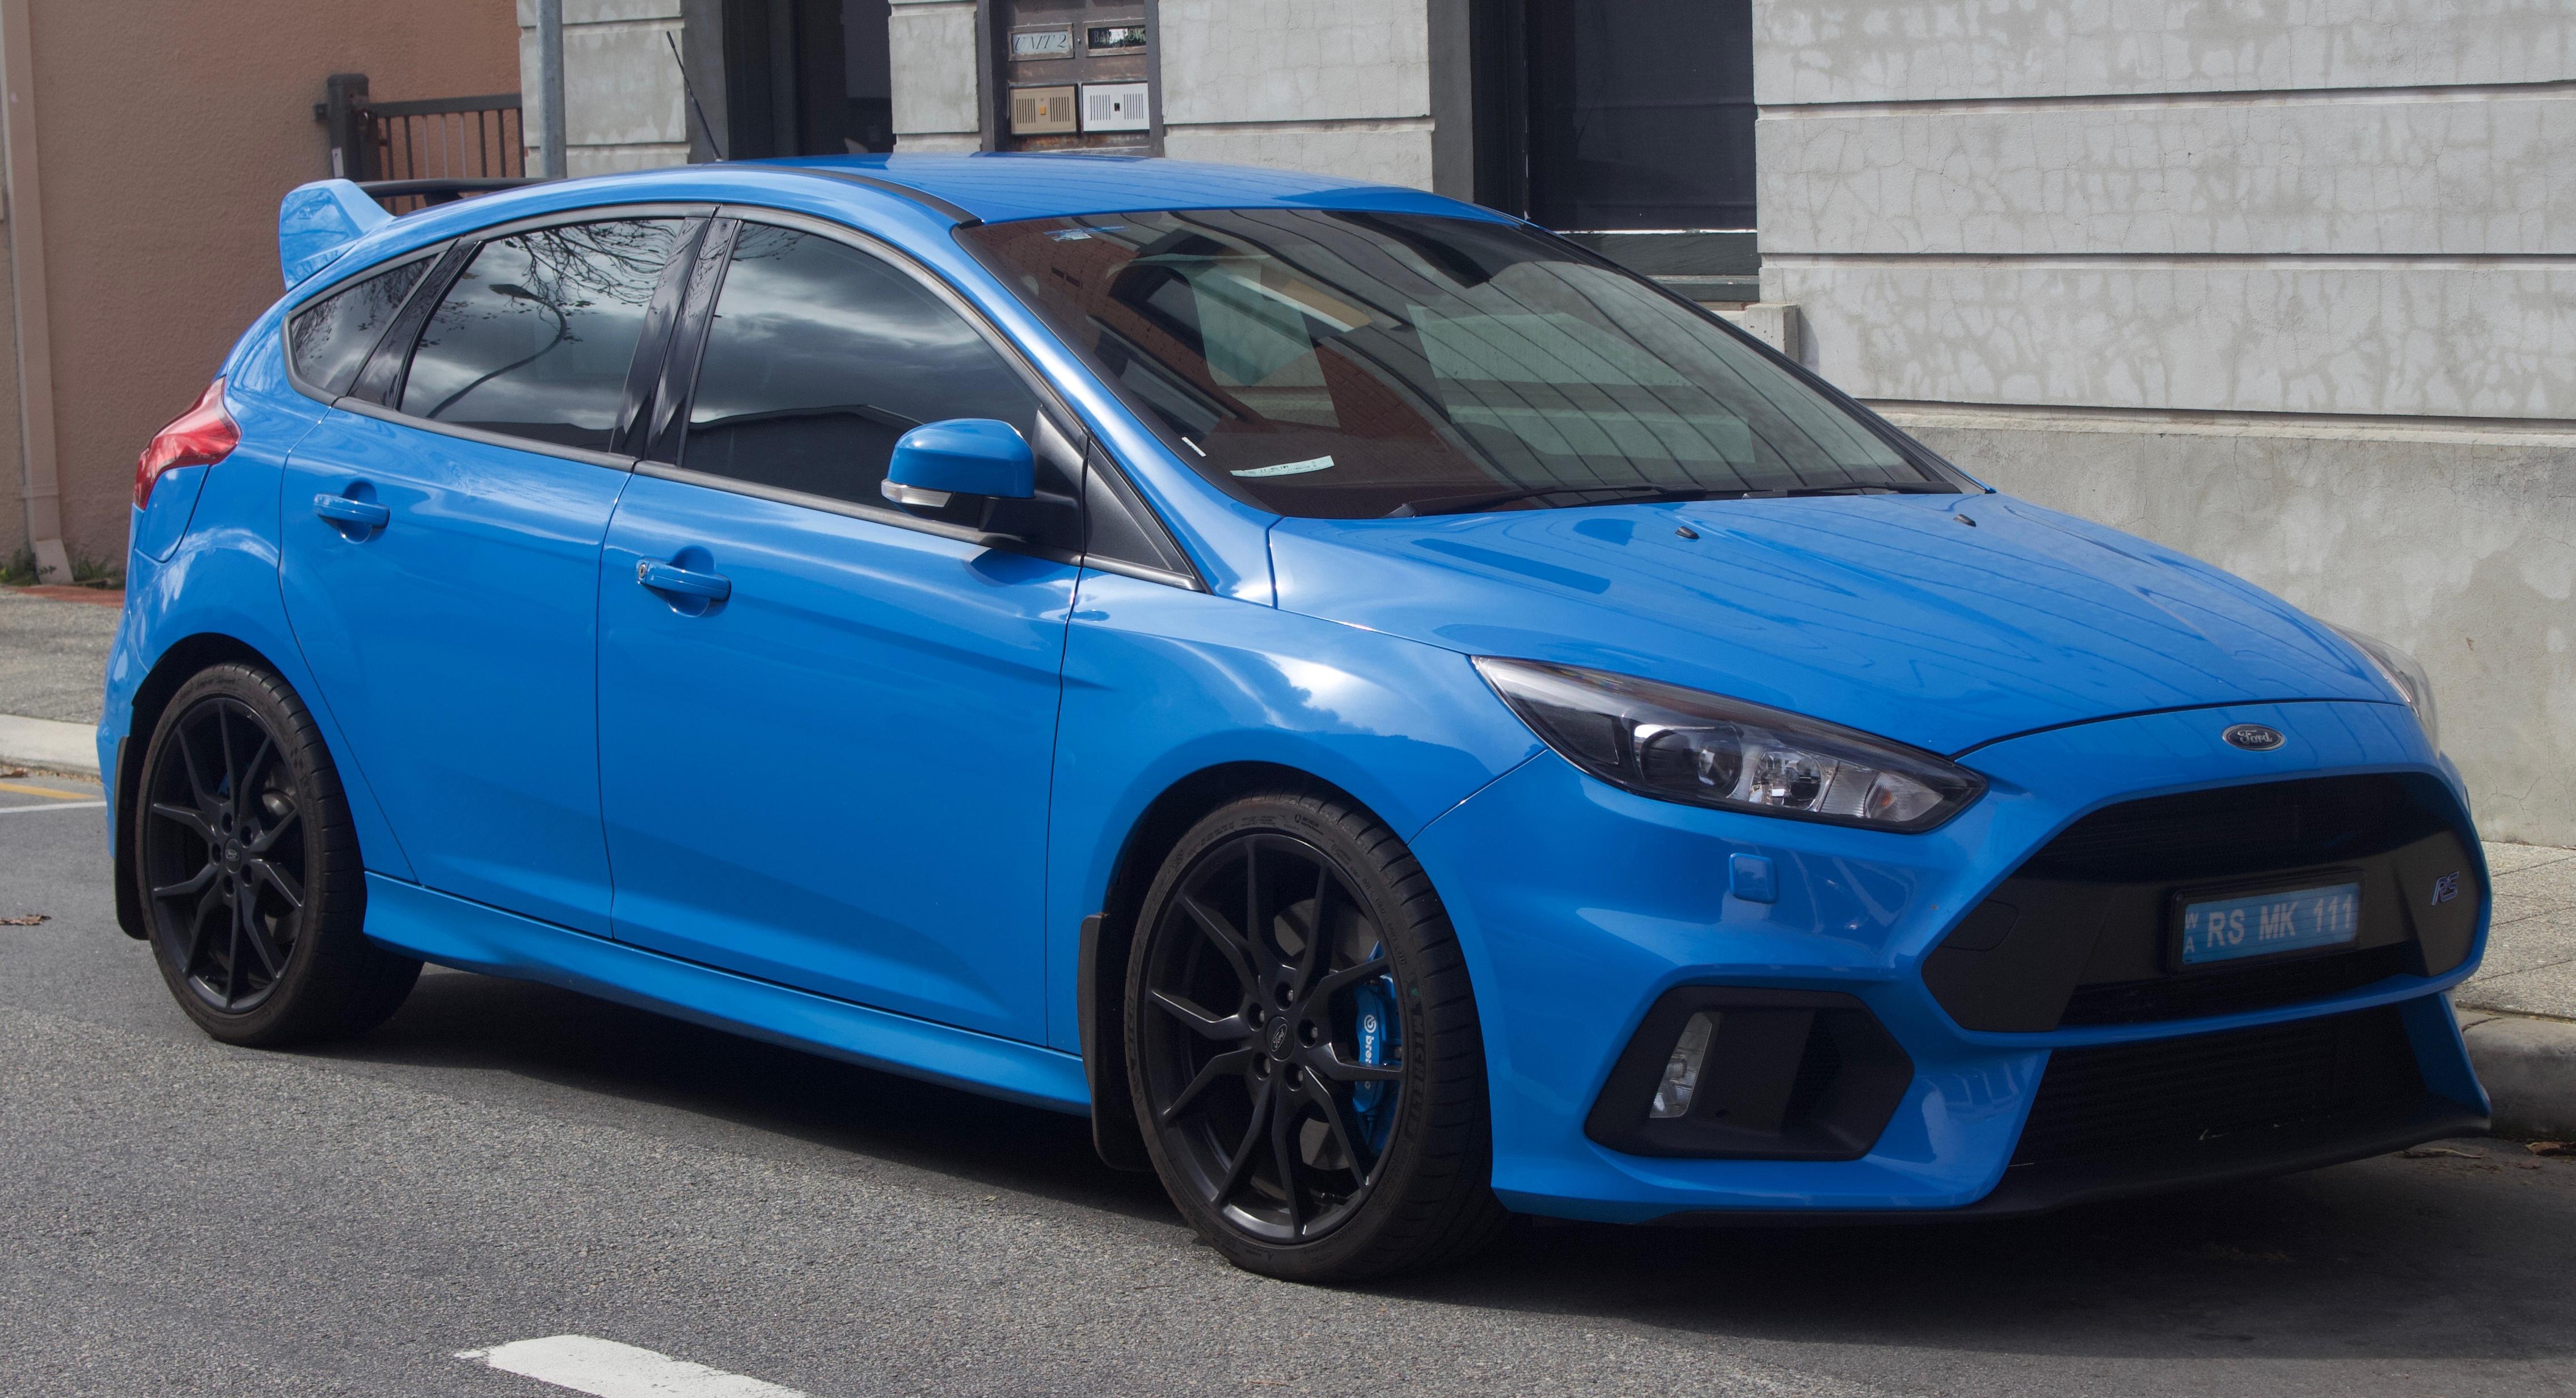 File:2017 Ford Focus (LZ) RS hatchback (2018-08-31) 01 jpg